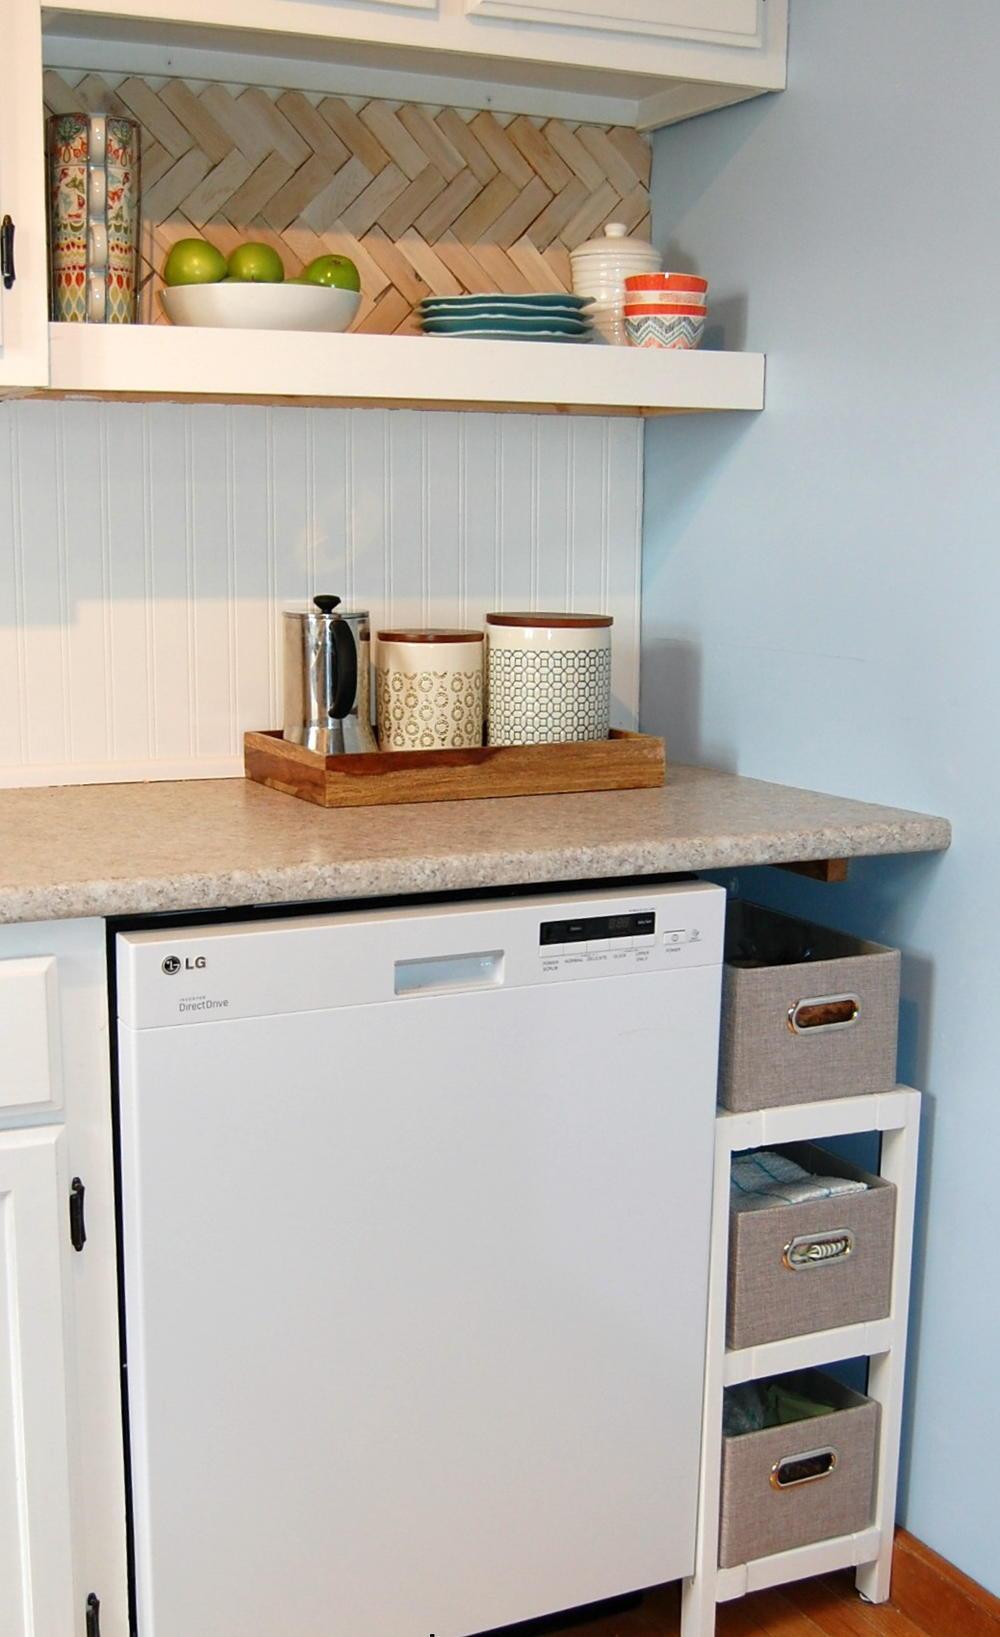 Kitchen solution diy storage shelf for Diy kitchen storage